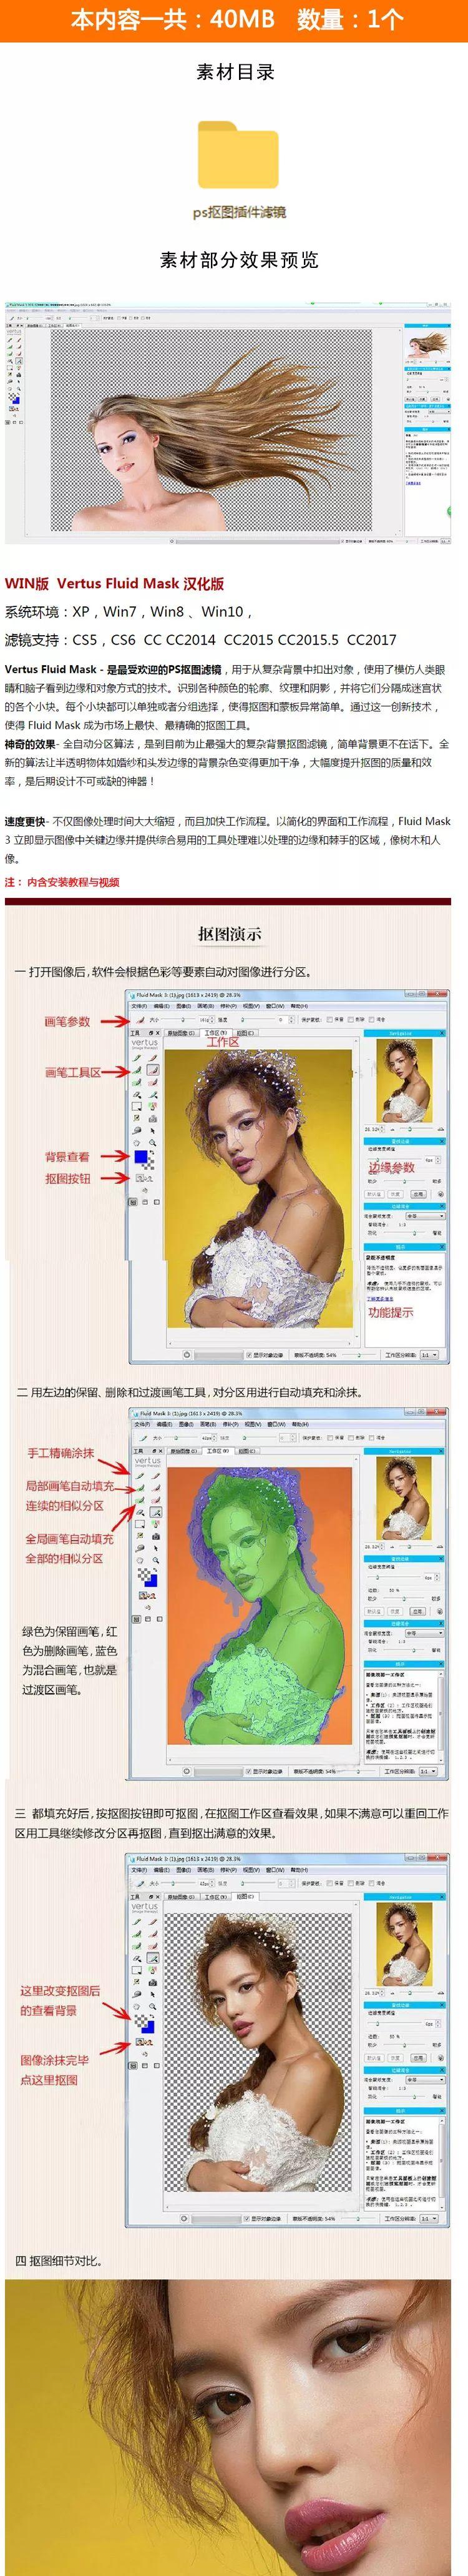 淘宝美工ps抠图插件滤镜Vertus Fluid Mask插件附带软件教程